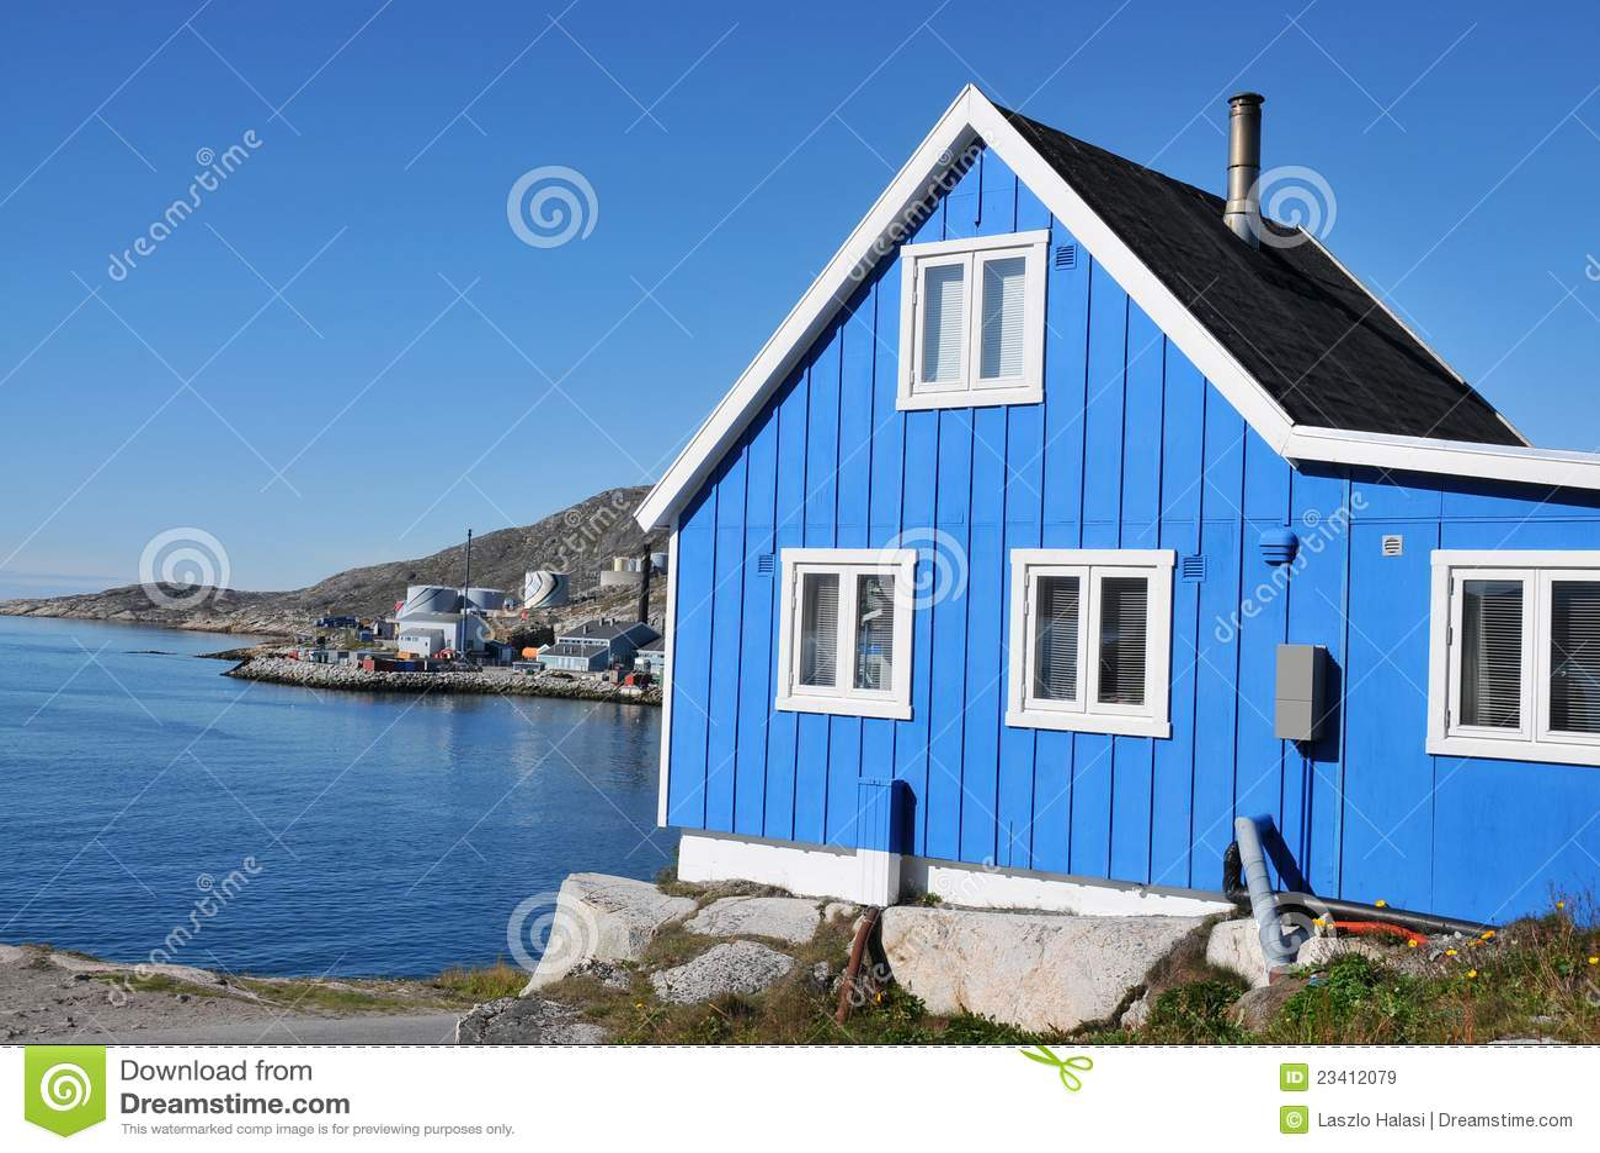 maison en bois type de p cheur dans qaqortoq groenland images libres de droits image 23412079. Black Bedroom Furniture Sets. Home Design Ideas